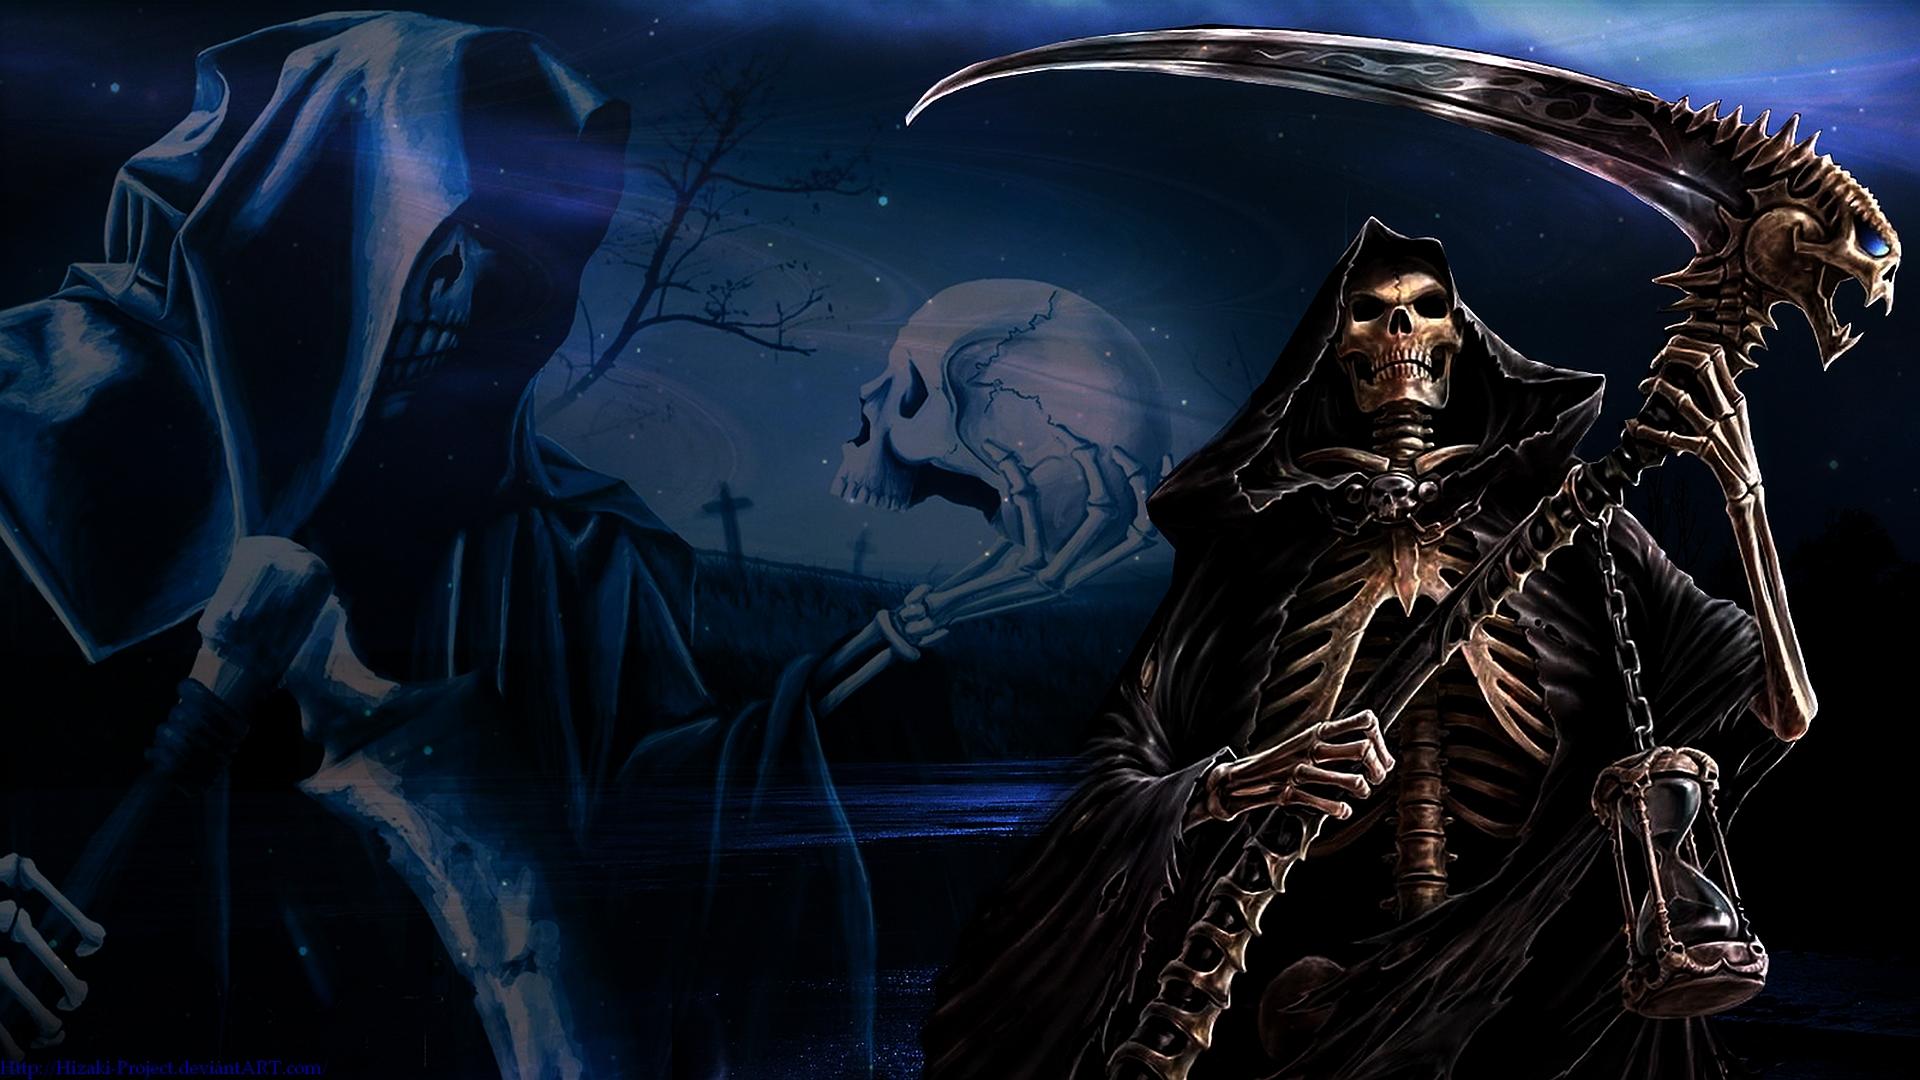 фэнтези графика женщина Grim Reaper  № 3256208 бесплатно